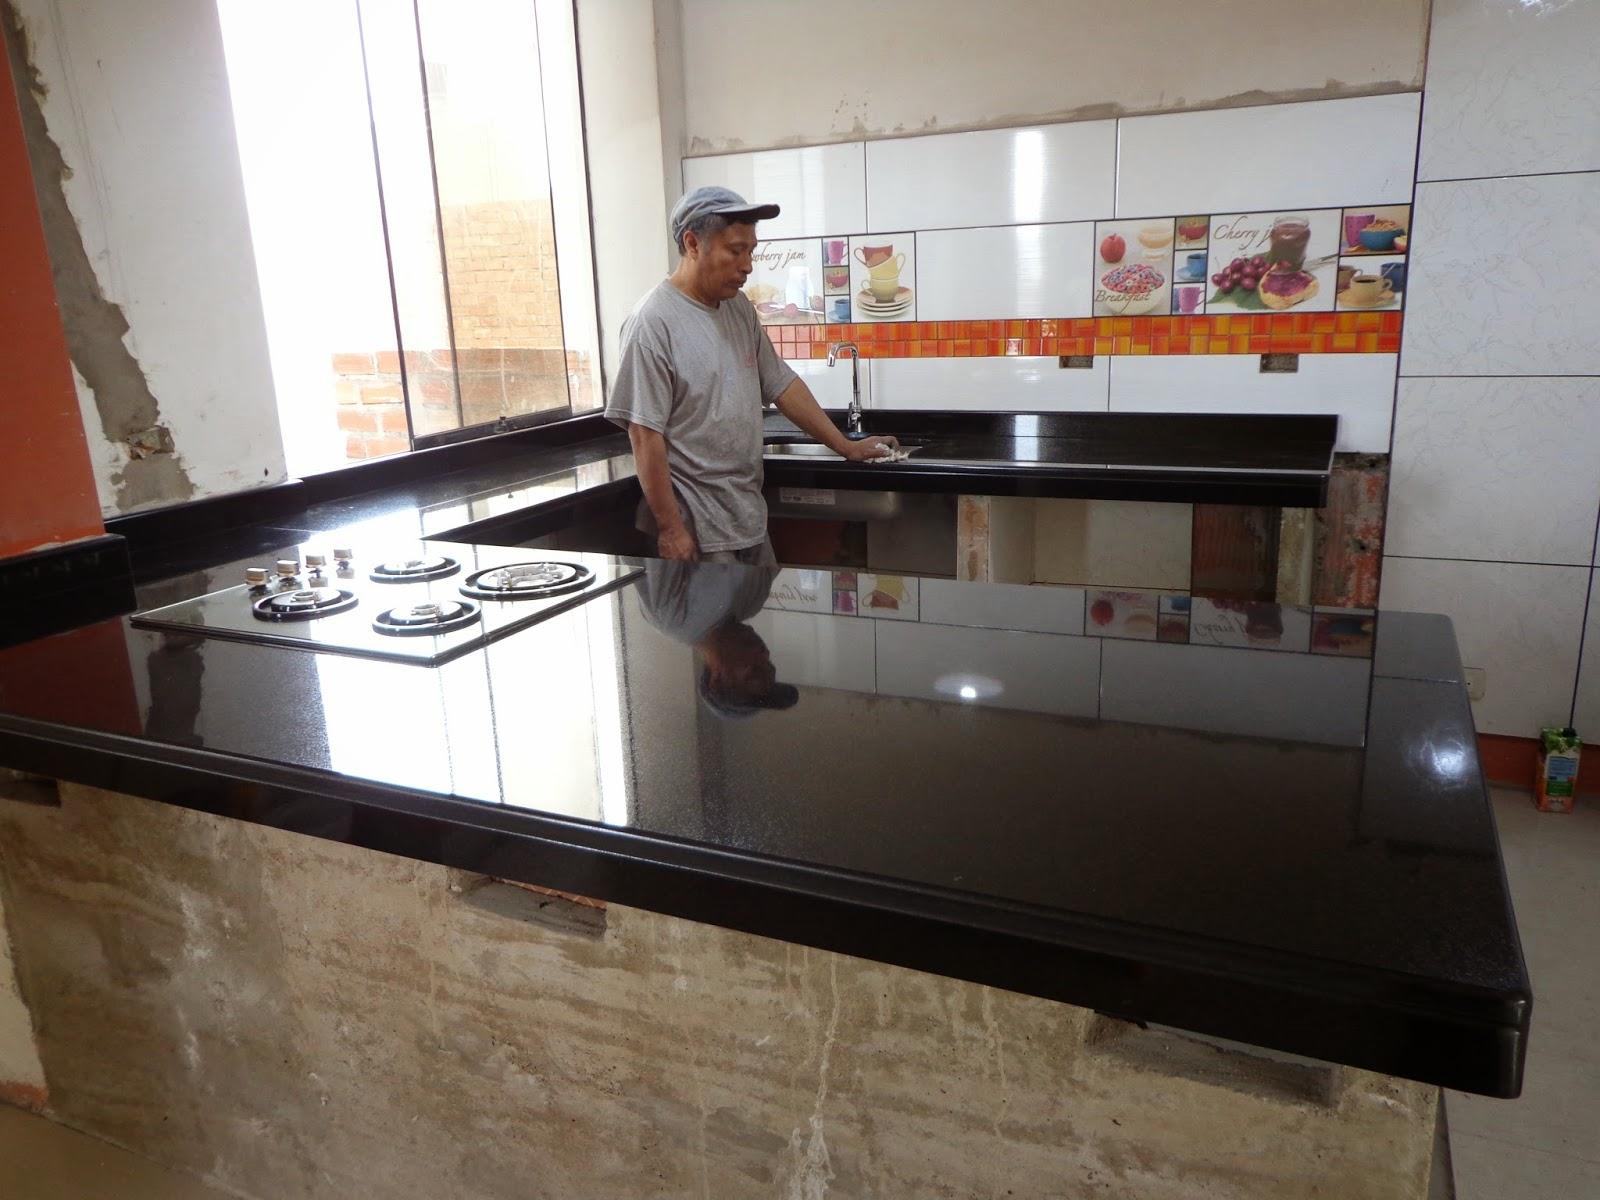 Marmol De Cocina Affordable Encimeras De Cocina Valencia Mrmol Y  ~ Encimeras De Marmol Para Cocinas Precios